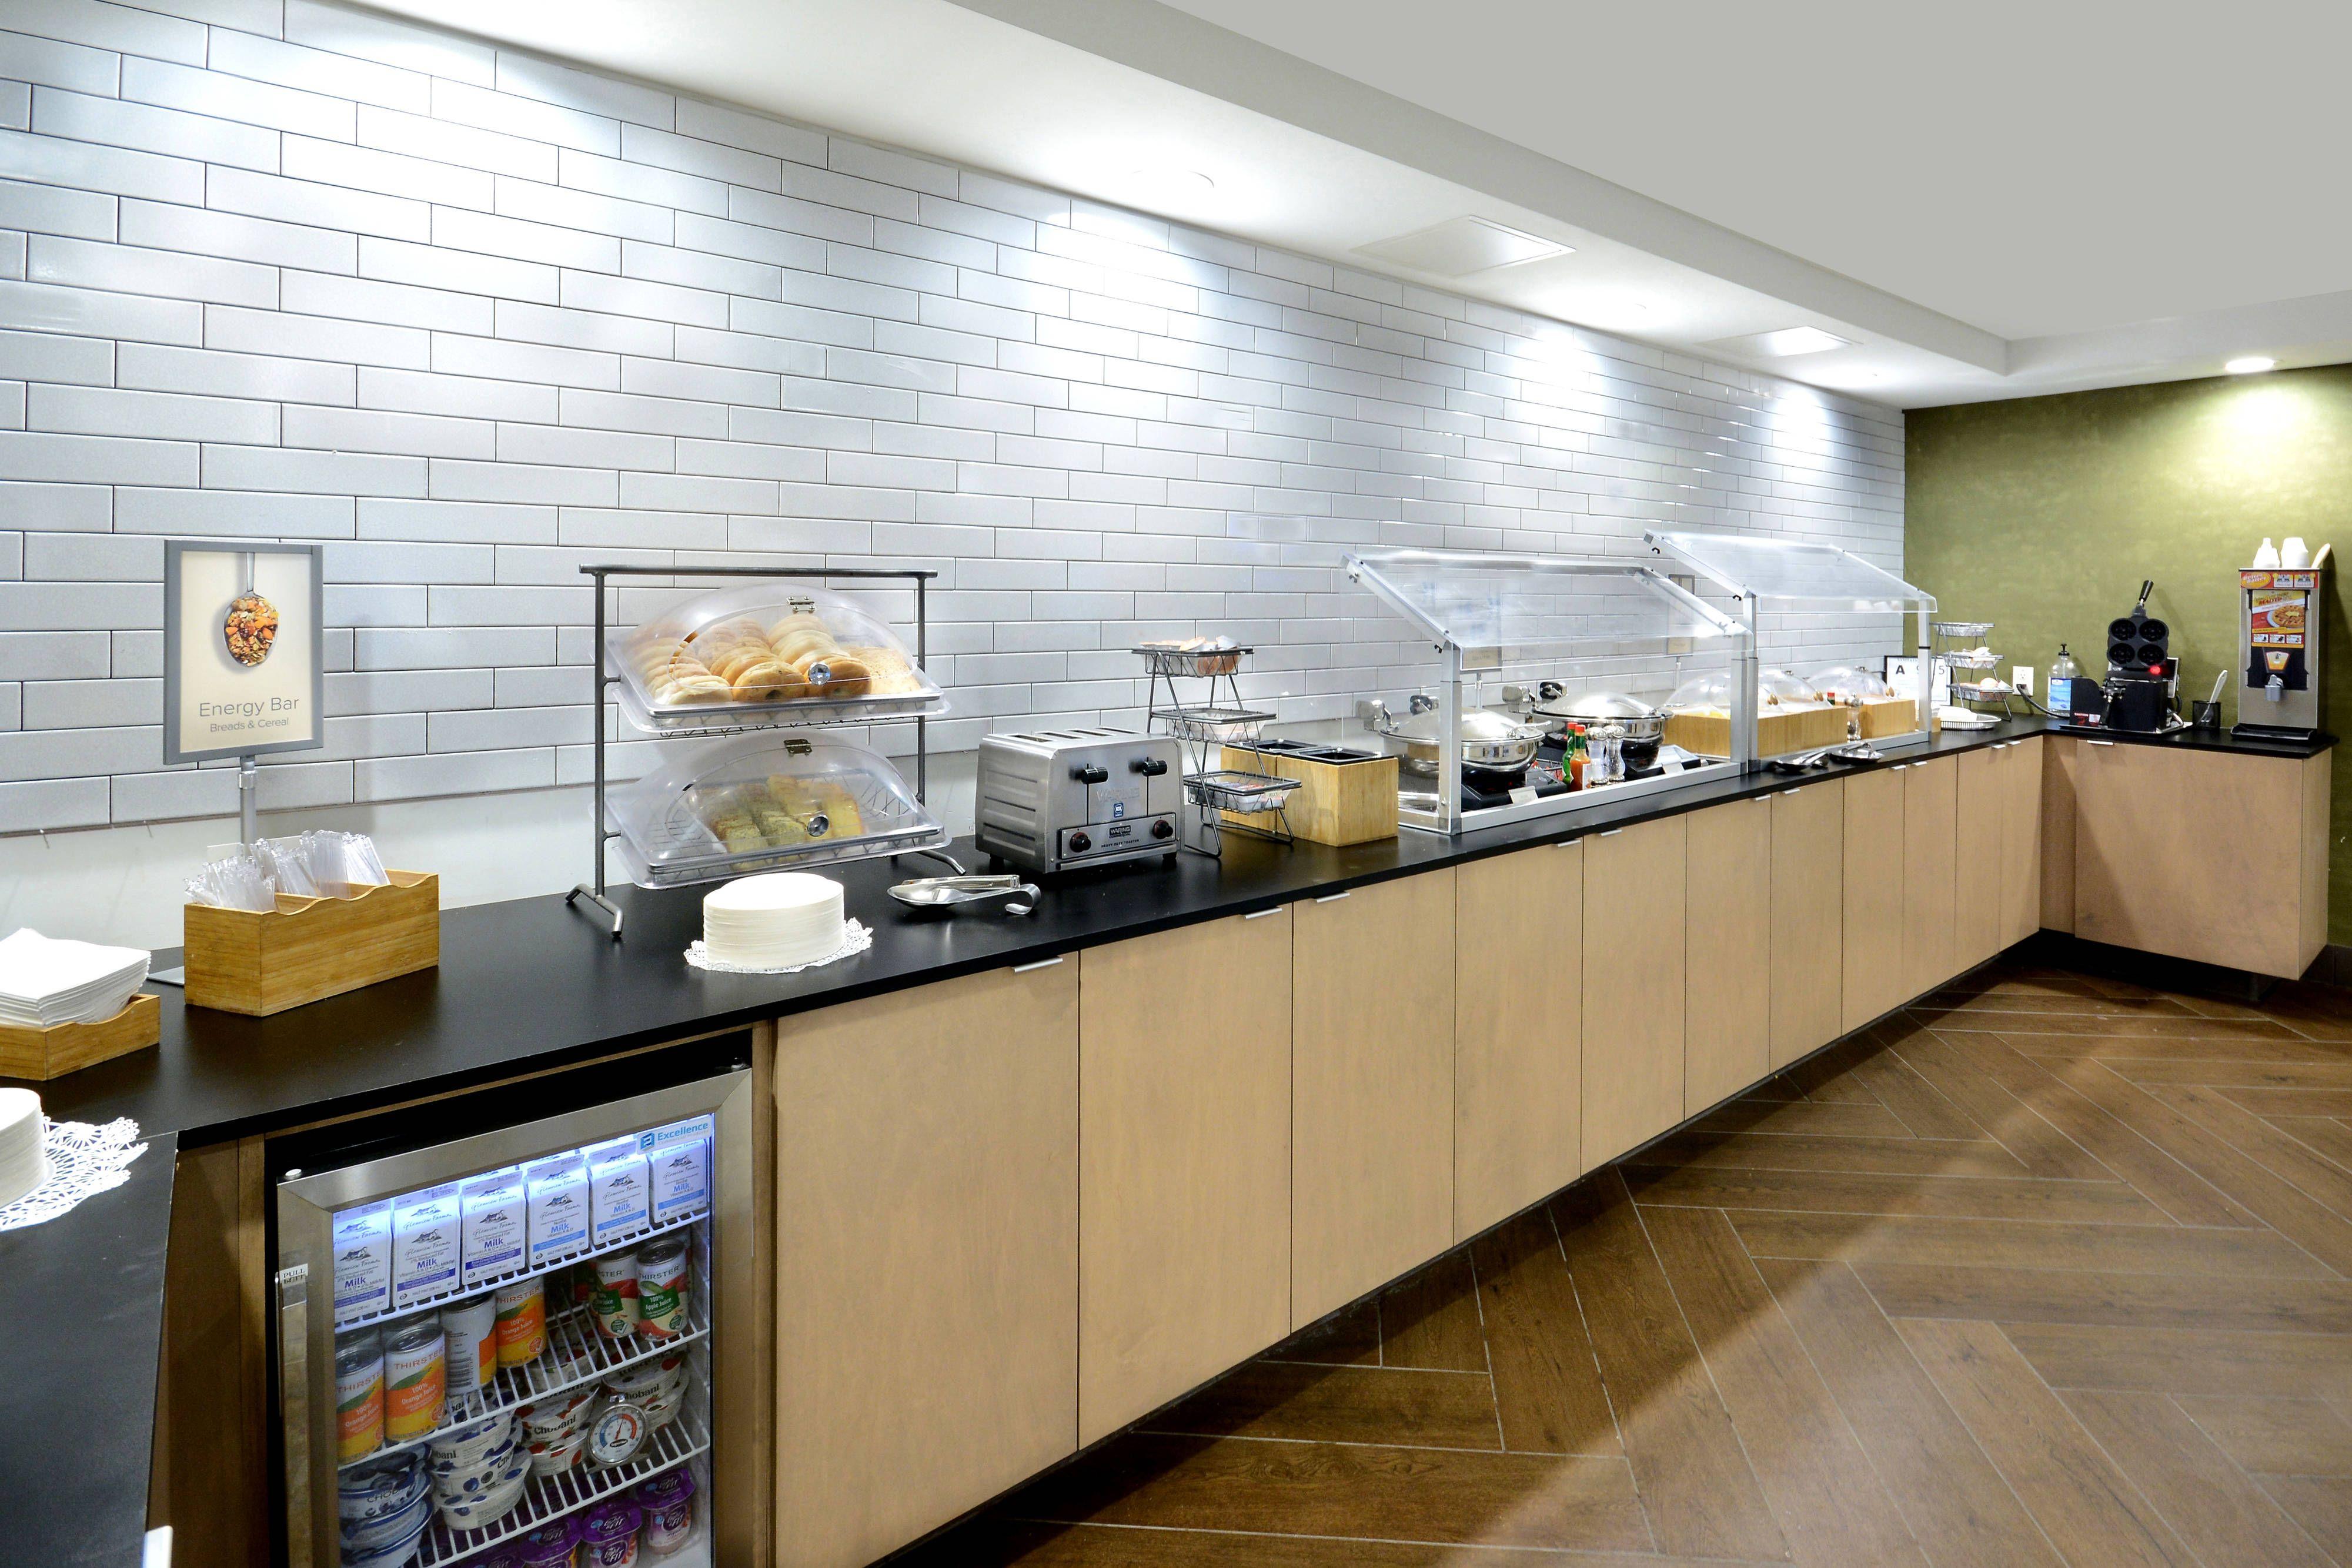 Fairfield Inn Greensboro Airport Breakfast Buffet Memorable